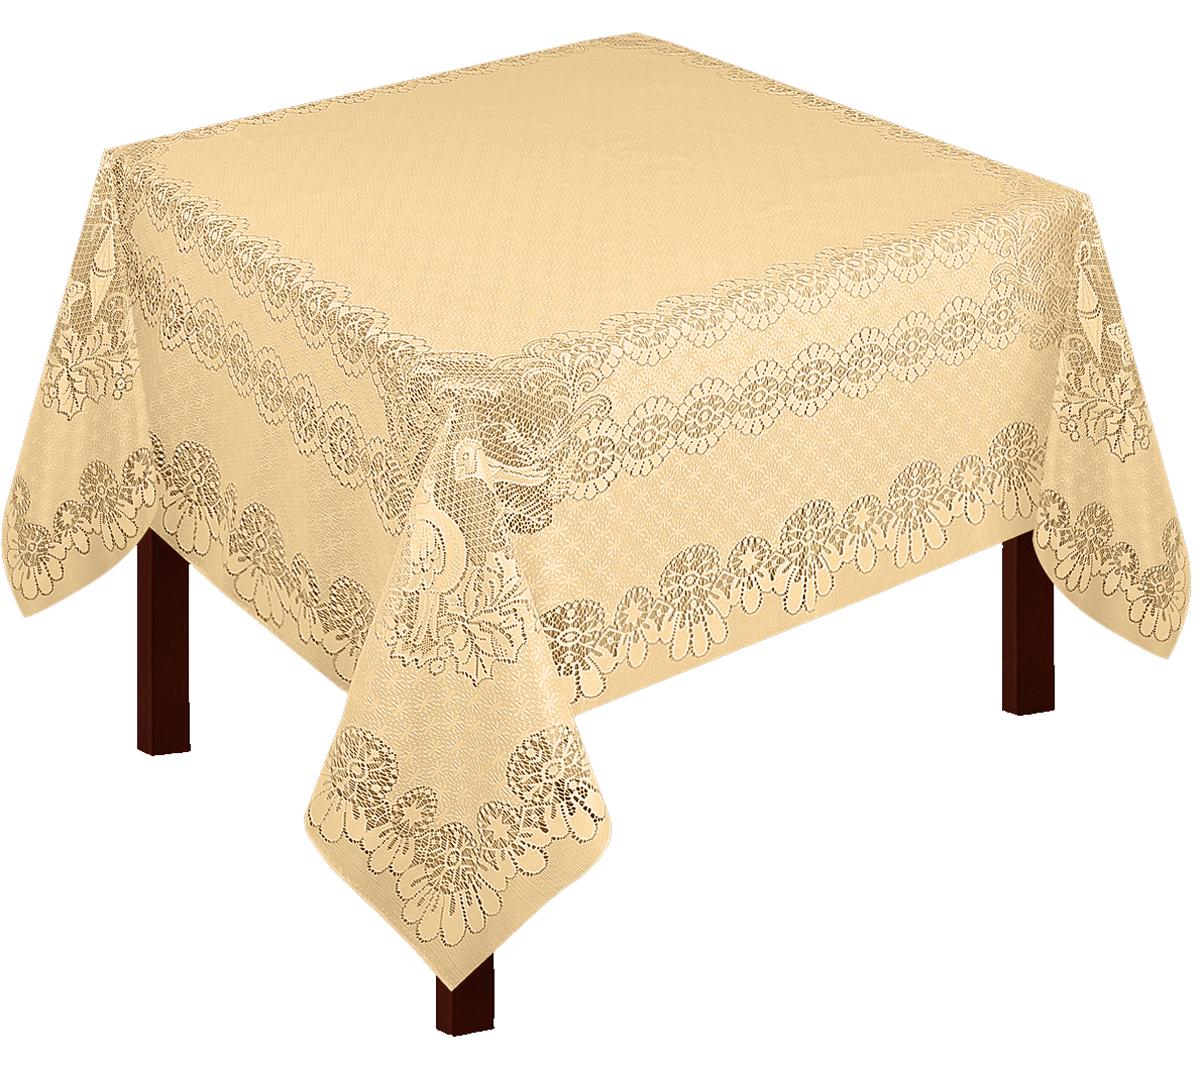 Скатерть Zlata Korunka, прямоугольная, цвет: золотистый, 165 х 150 см80016Скатерть прямоугольная р.165*150, 100% п/э, золото. Скатерть не мнется, легко стирается и очень быстро сохнет